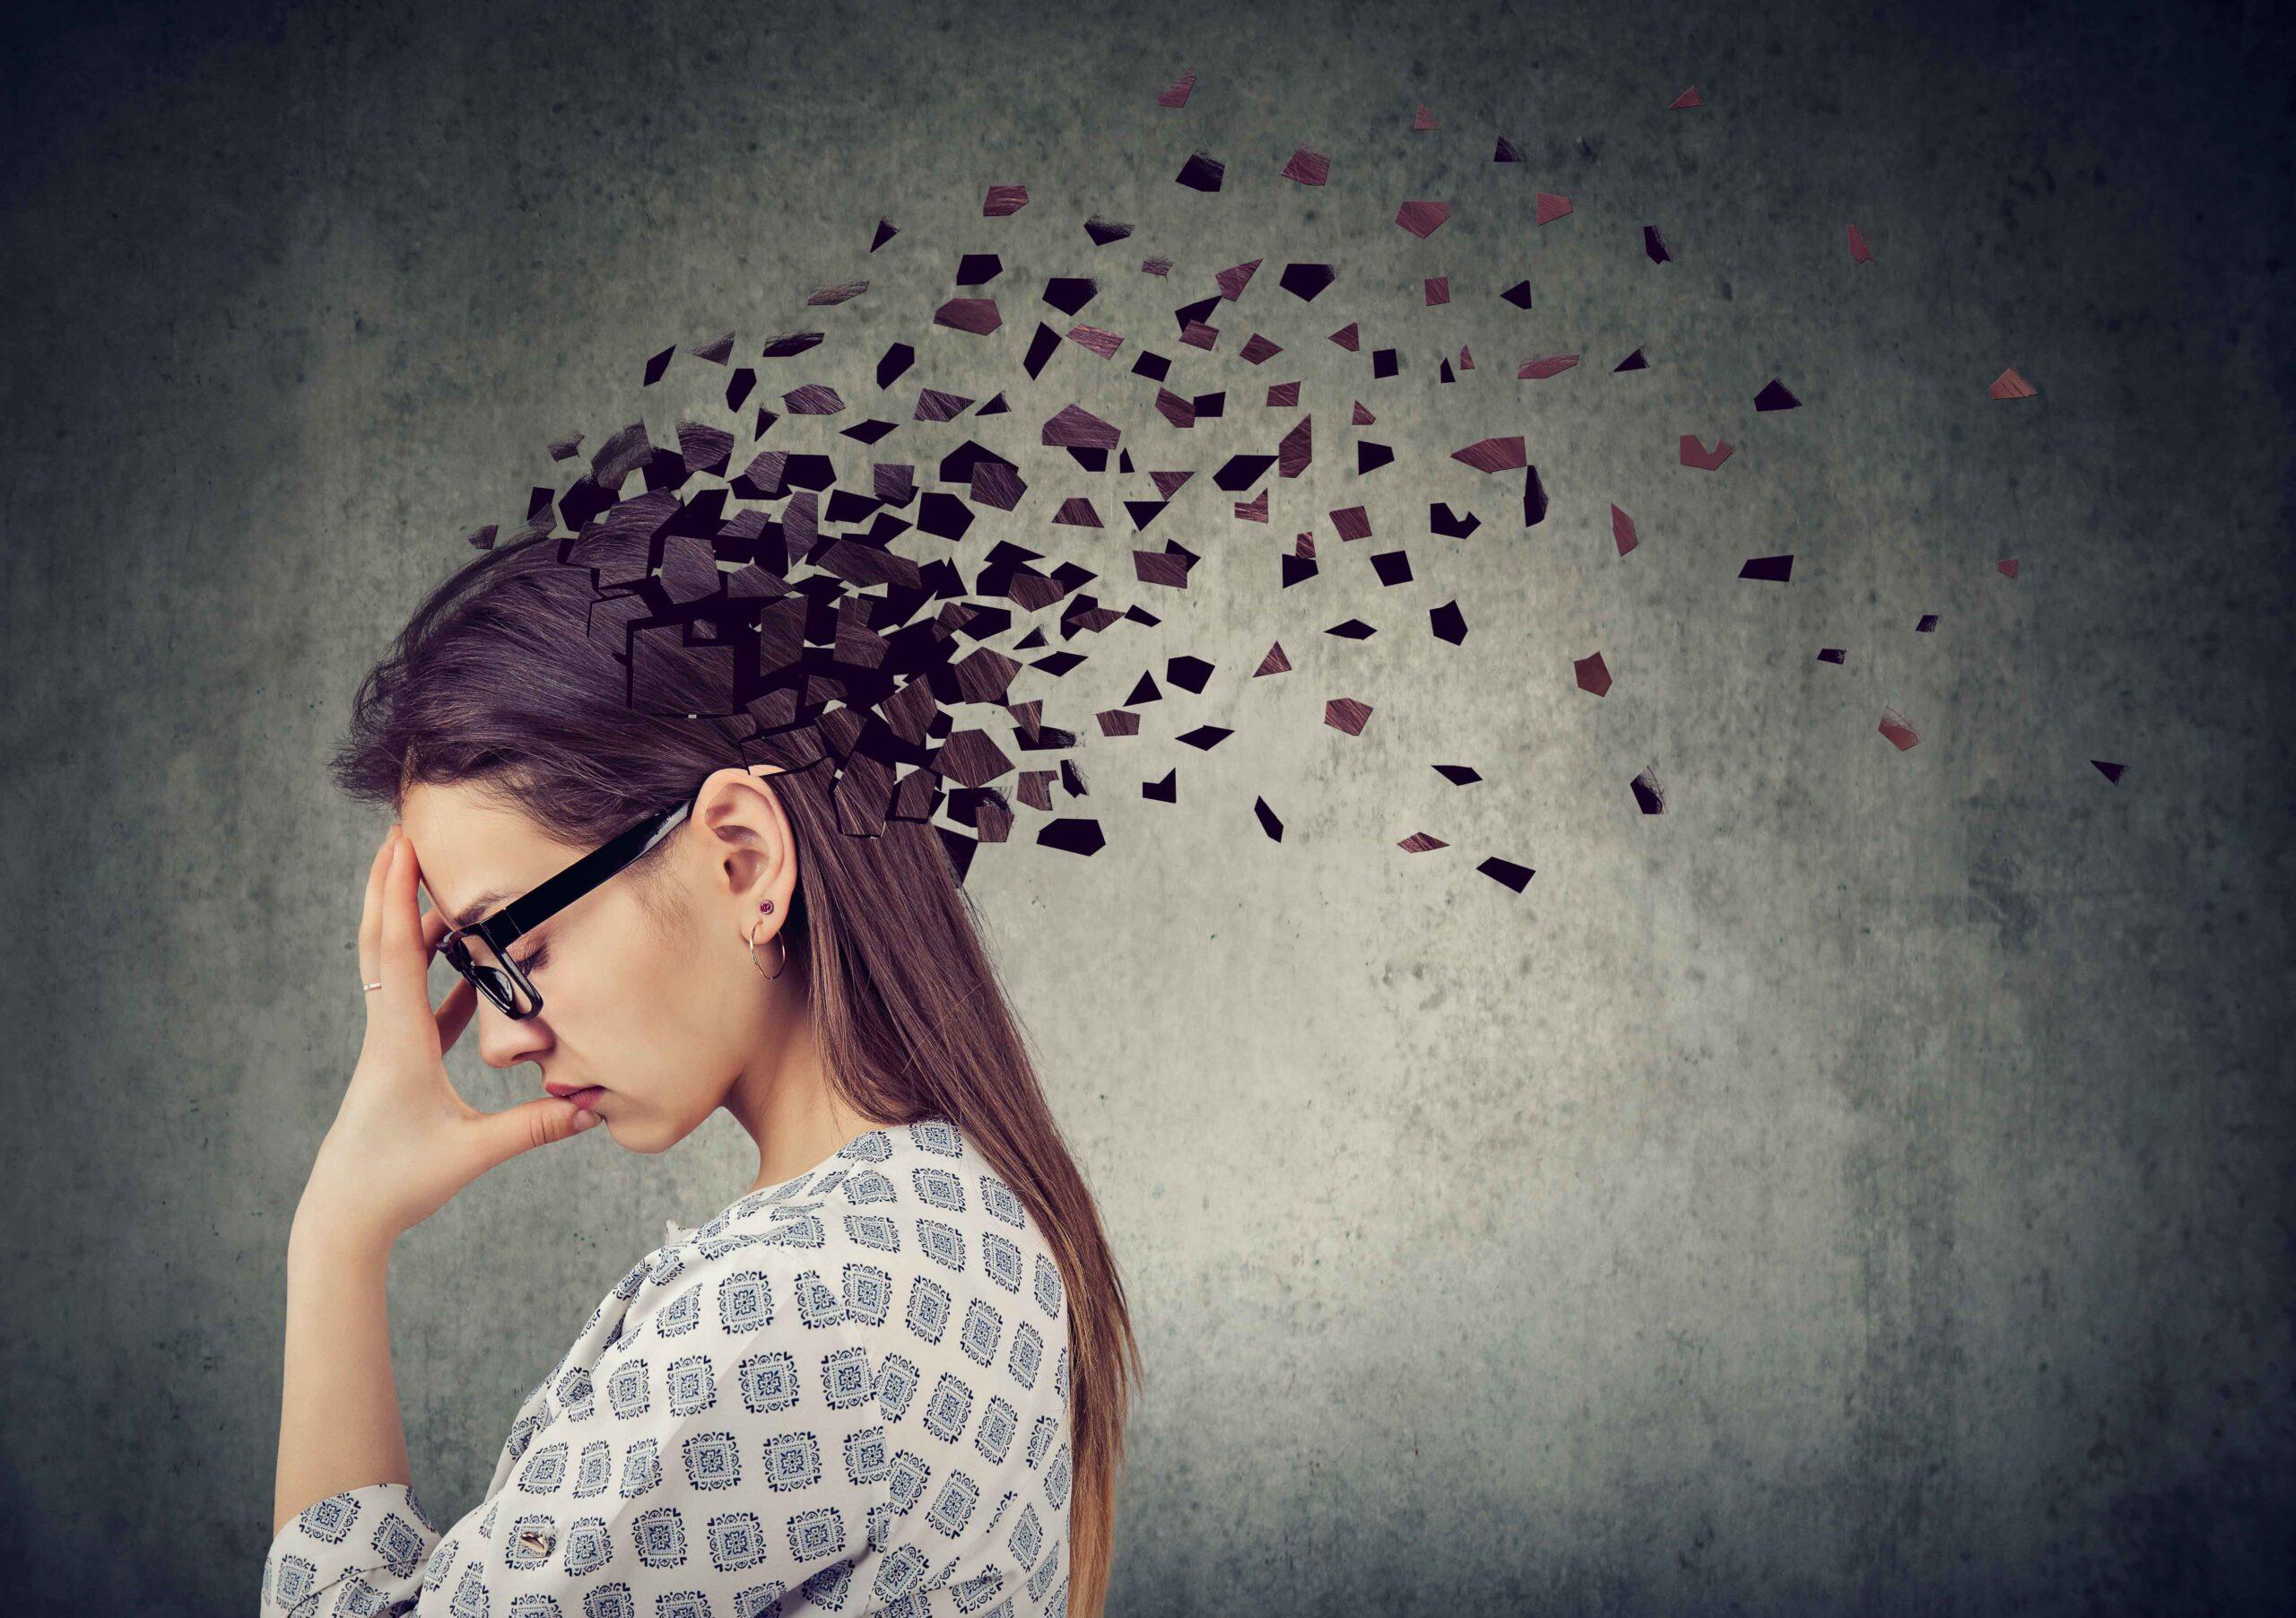 come curare l ansia in modo naturale